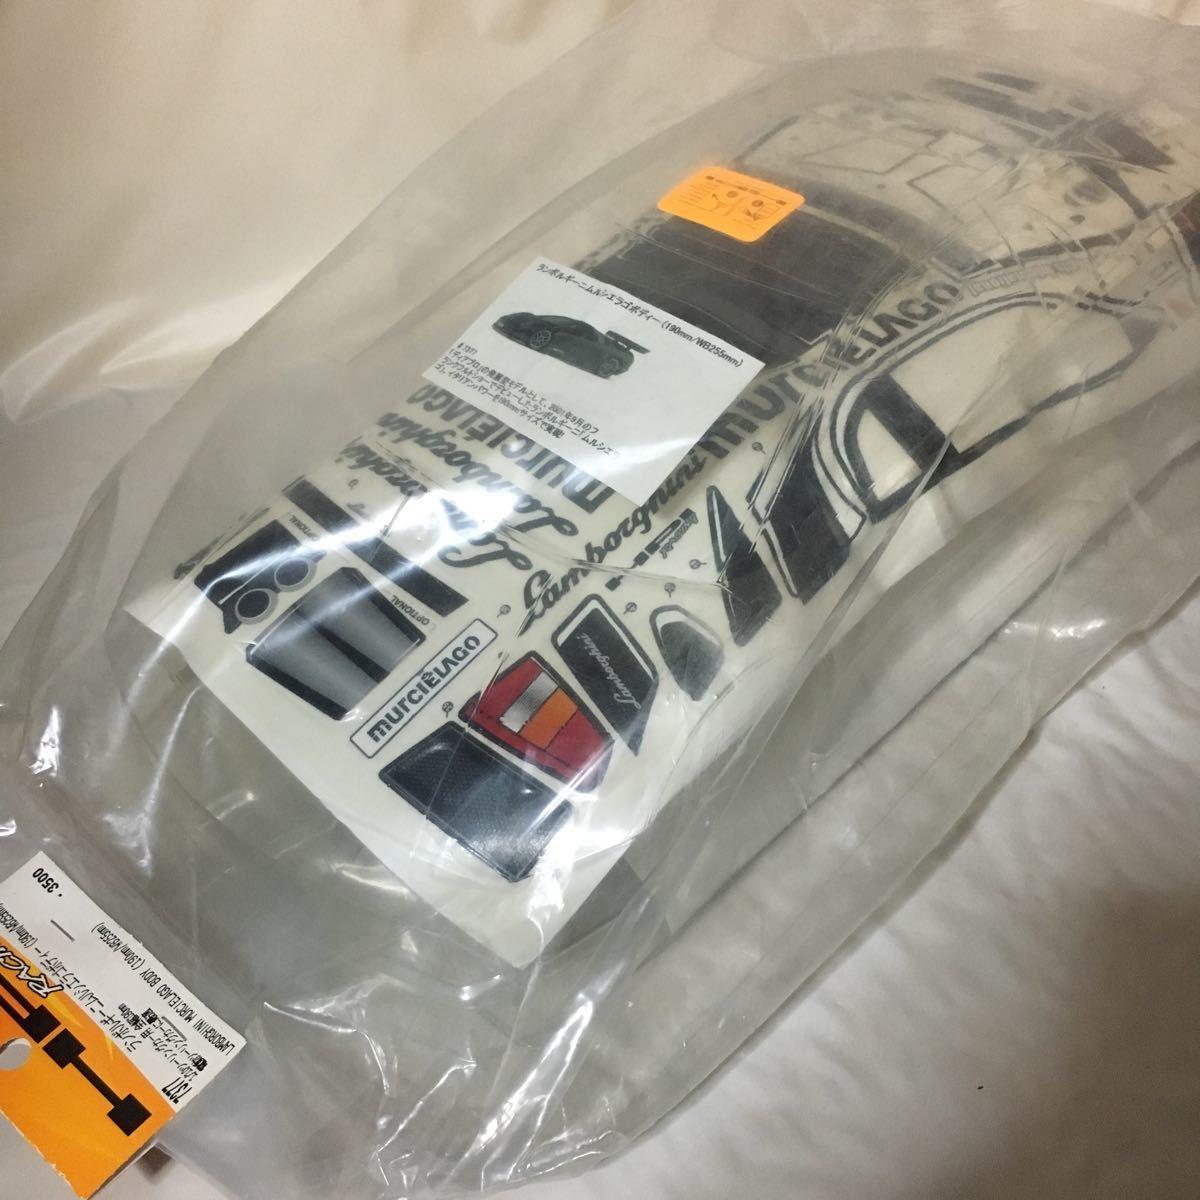 HPI ランボルギーニ ムルシエラゴ 1/10 ツーリングカー スペアボディ 190mm RC パーツ 絶版ボディ LAMBORGHINI MURCIELAGO